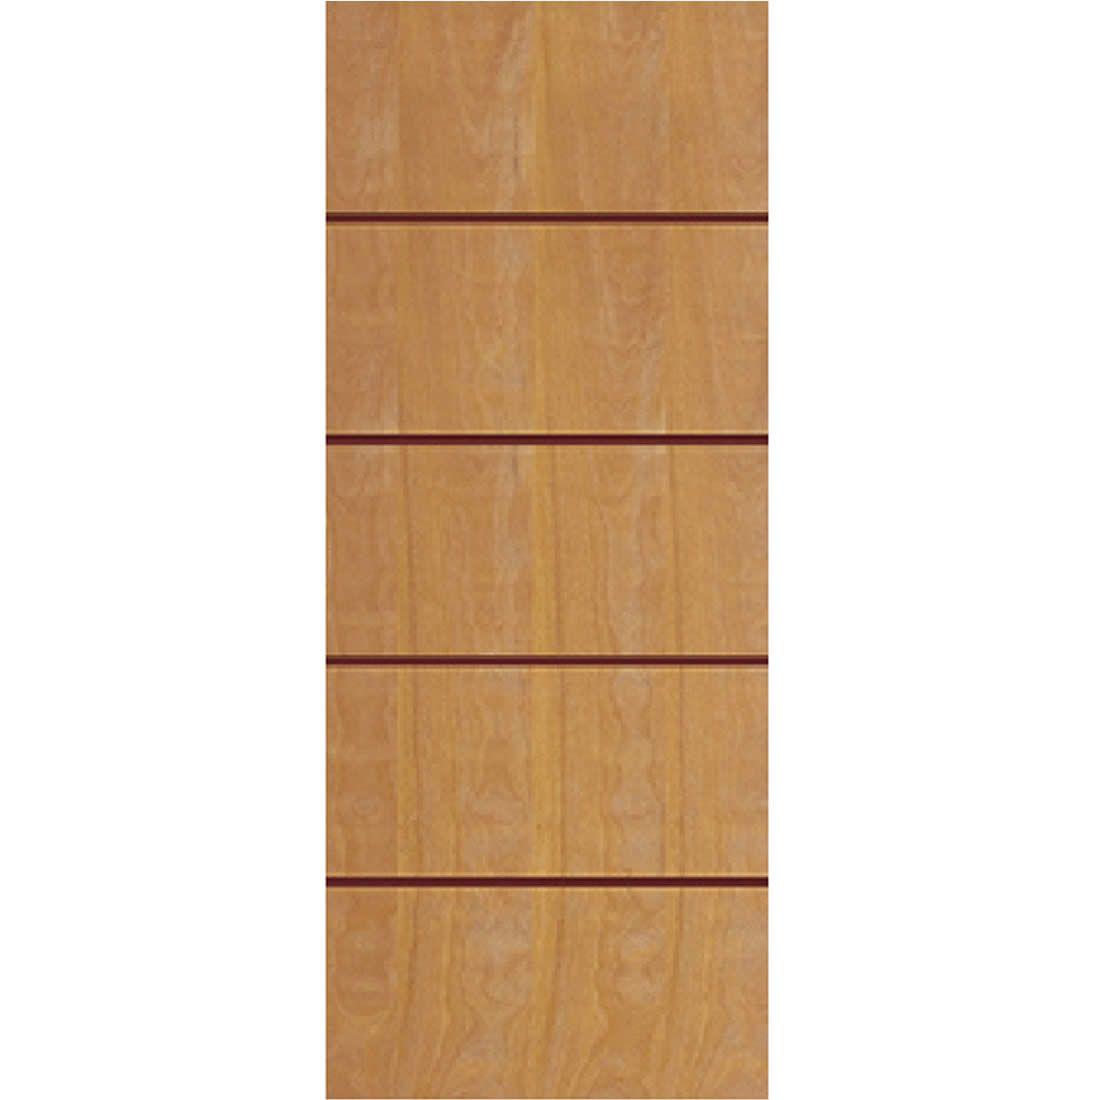 Porta 2,10 x 0,80m em Madeira Curupixa Semi Sólida Modelo 02 Frisada JB Paes